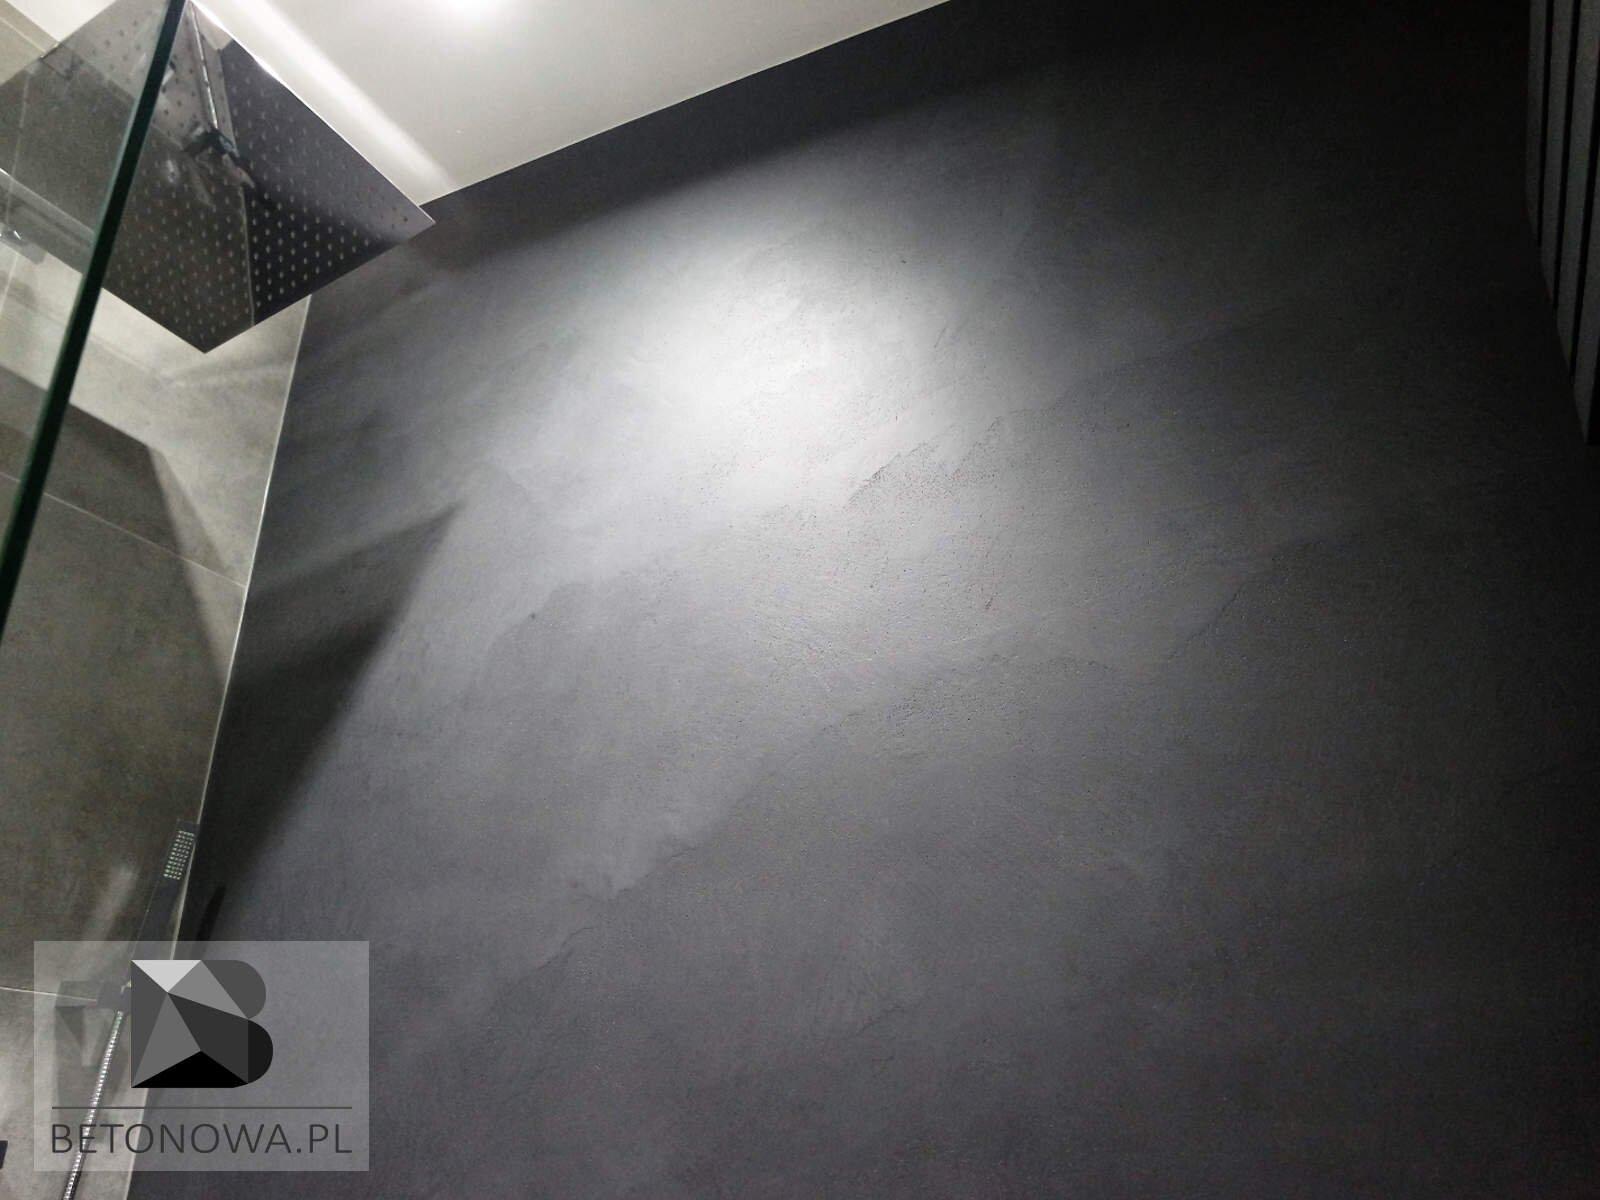 Mikrocement Na ścianęposadzkipodłogi Schody Beton